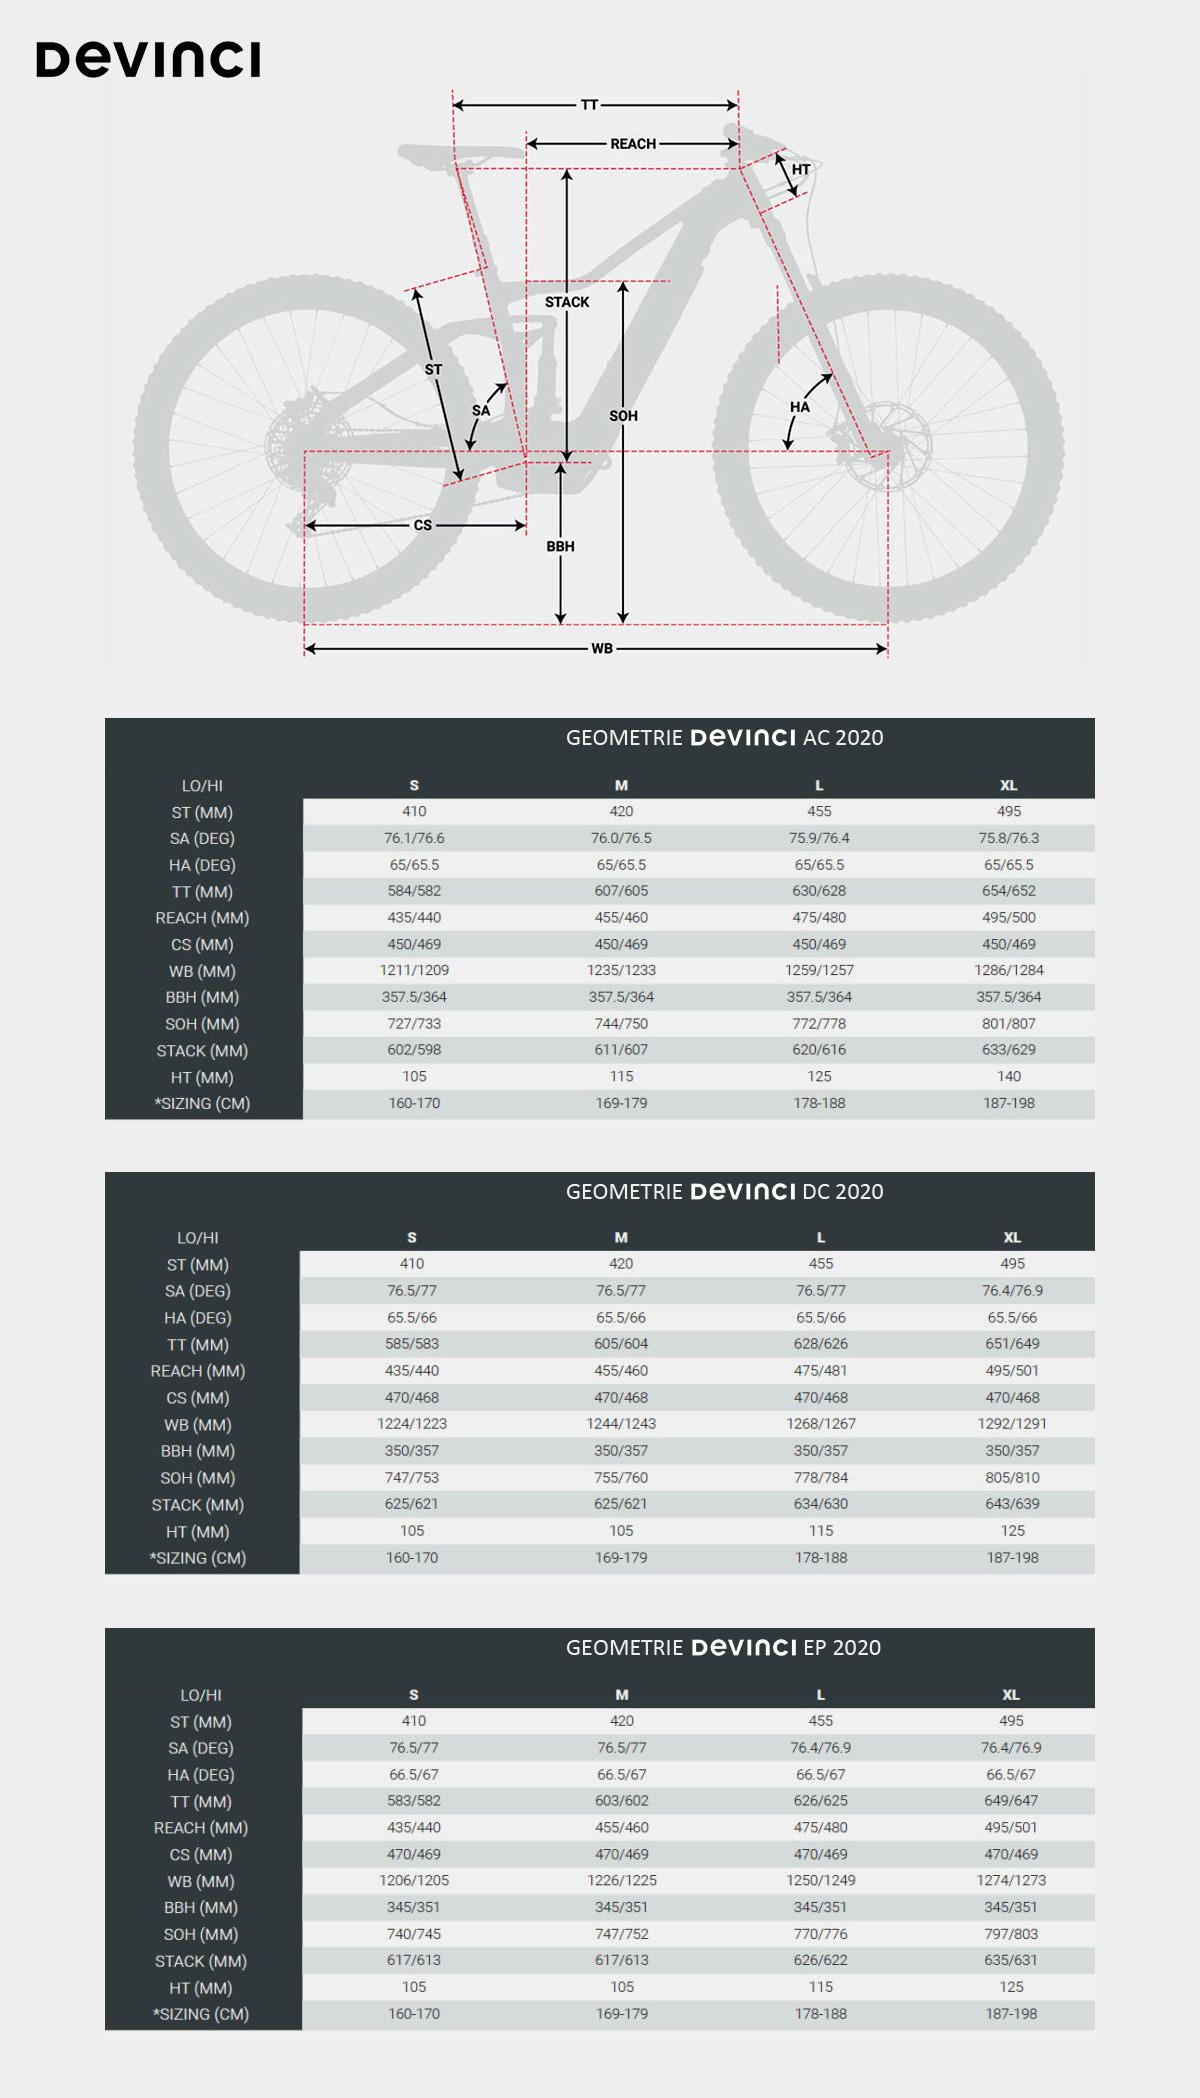 La tabella con le geometrie delle e-bike Devinci AC, DC ed EP 2020